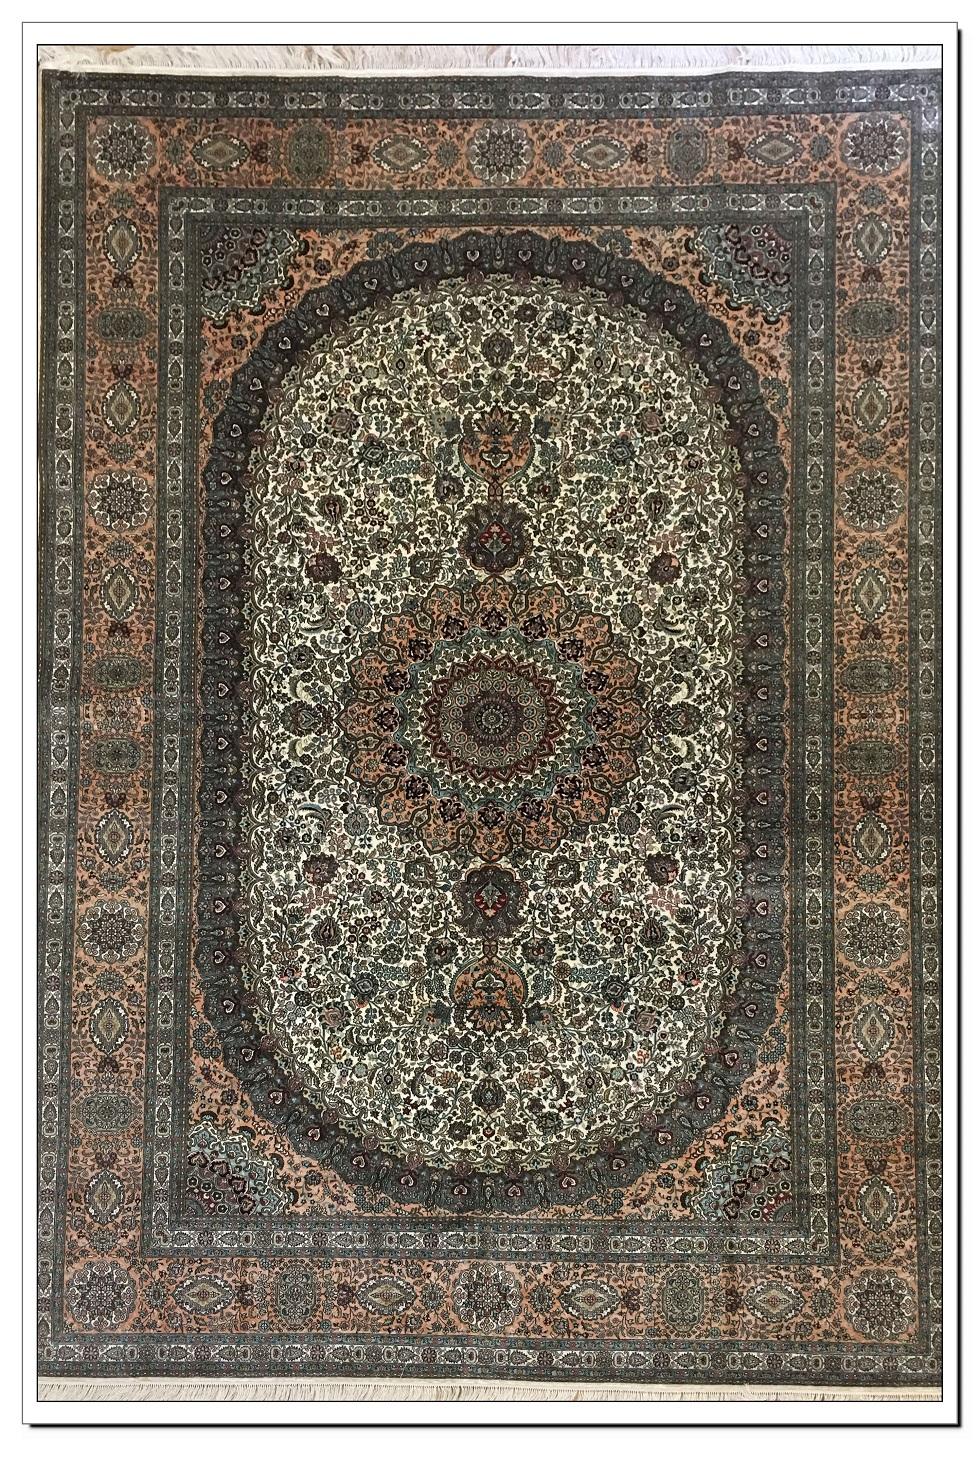 真丝地毯400道x40001